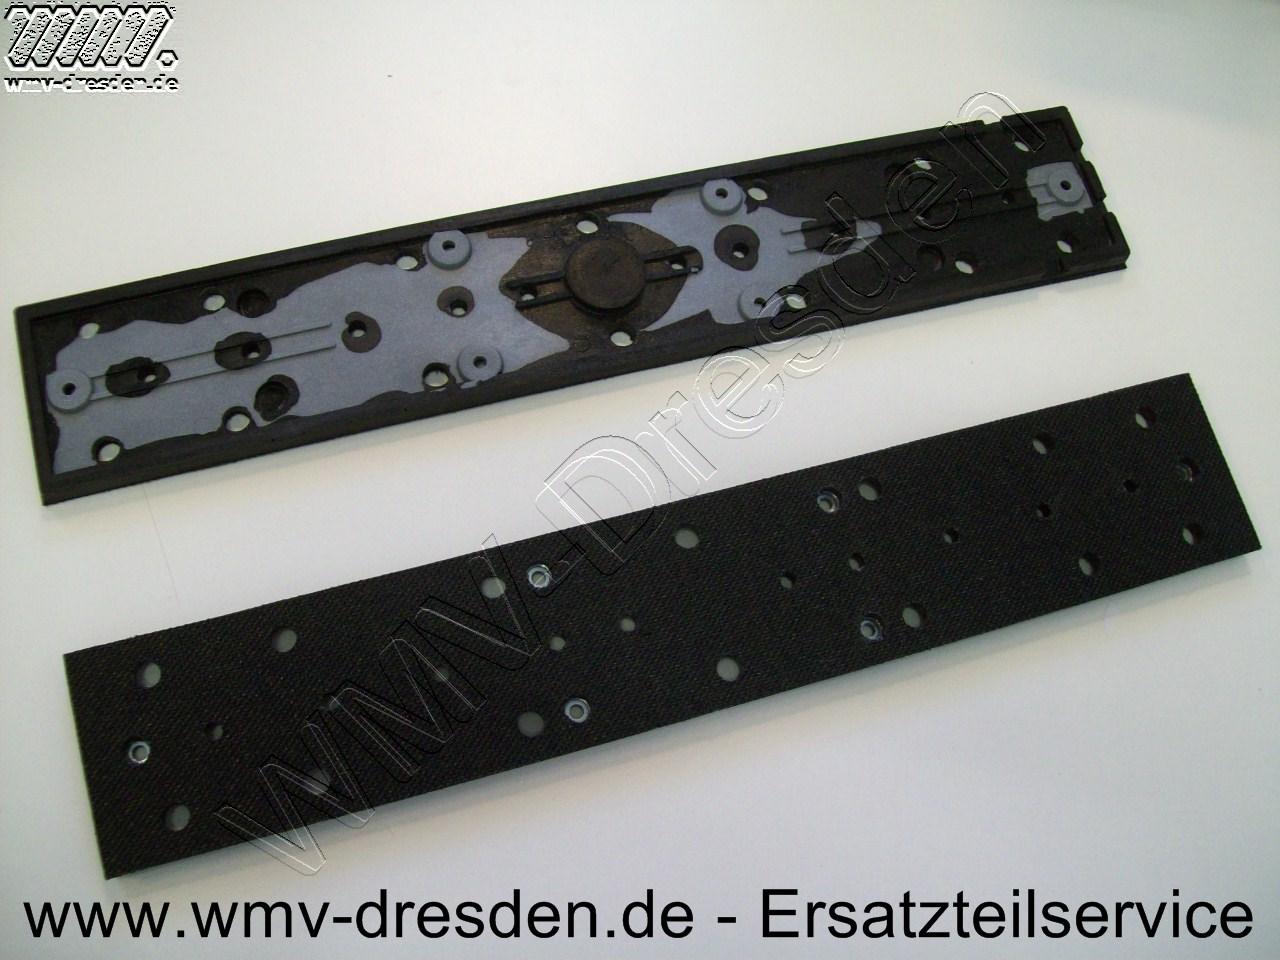 Schleifschuh mit Klettverschluss für Rupes SLP 41 A / SL 42 AE / SL 42 AEV  >>> 400x79 mm <<<